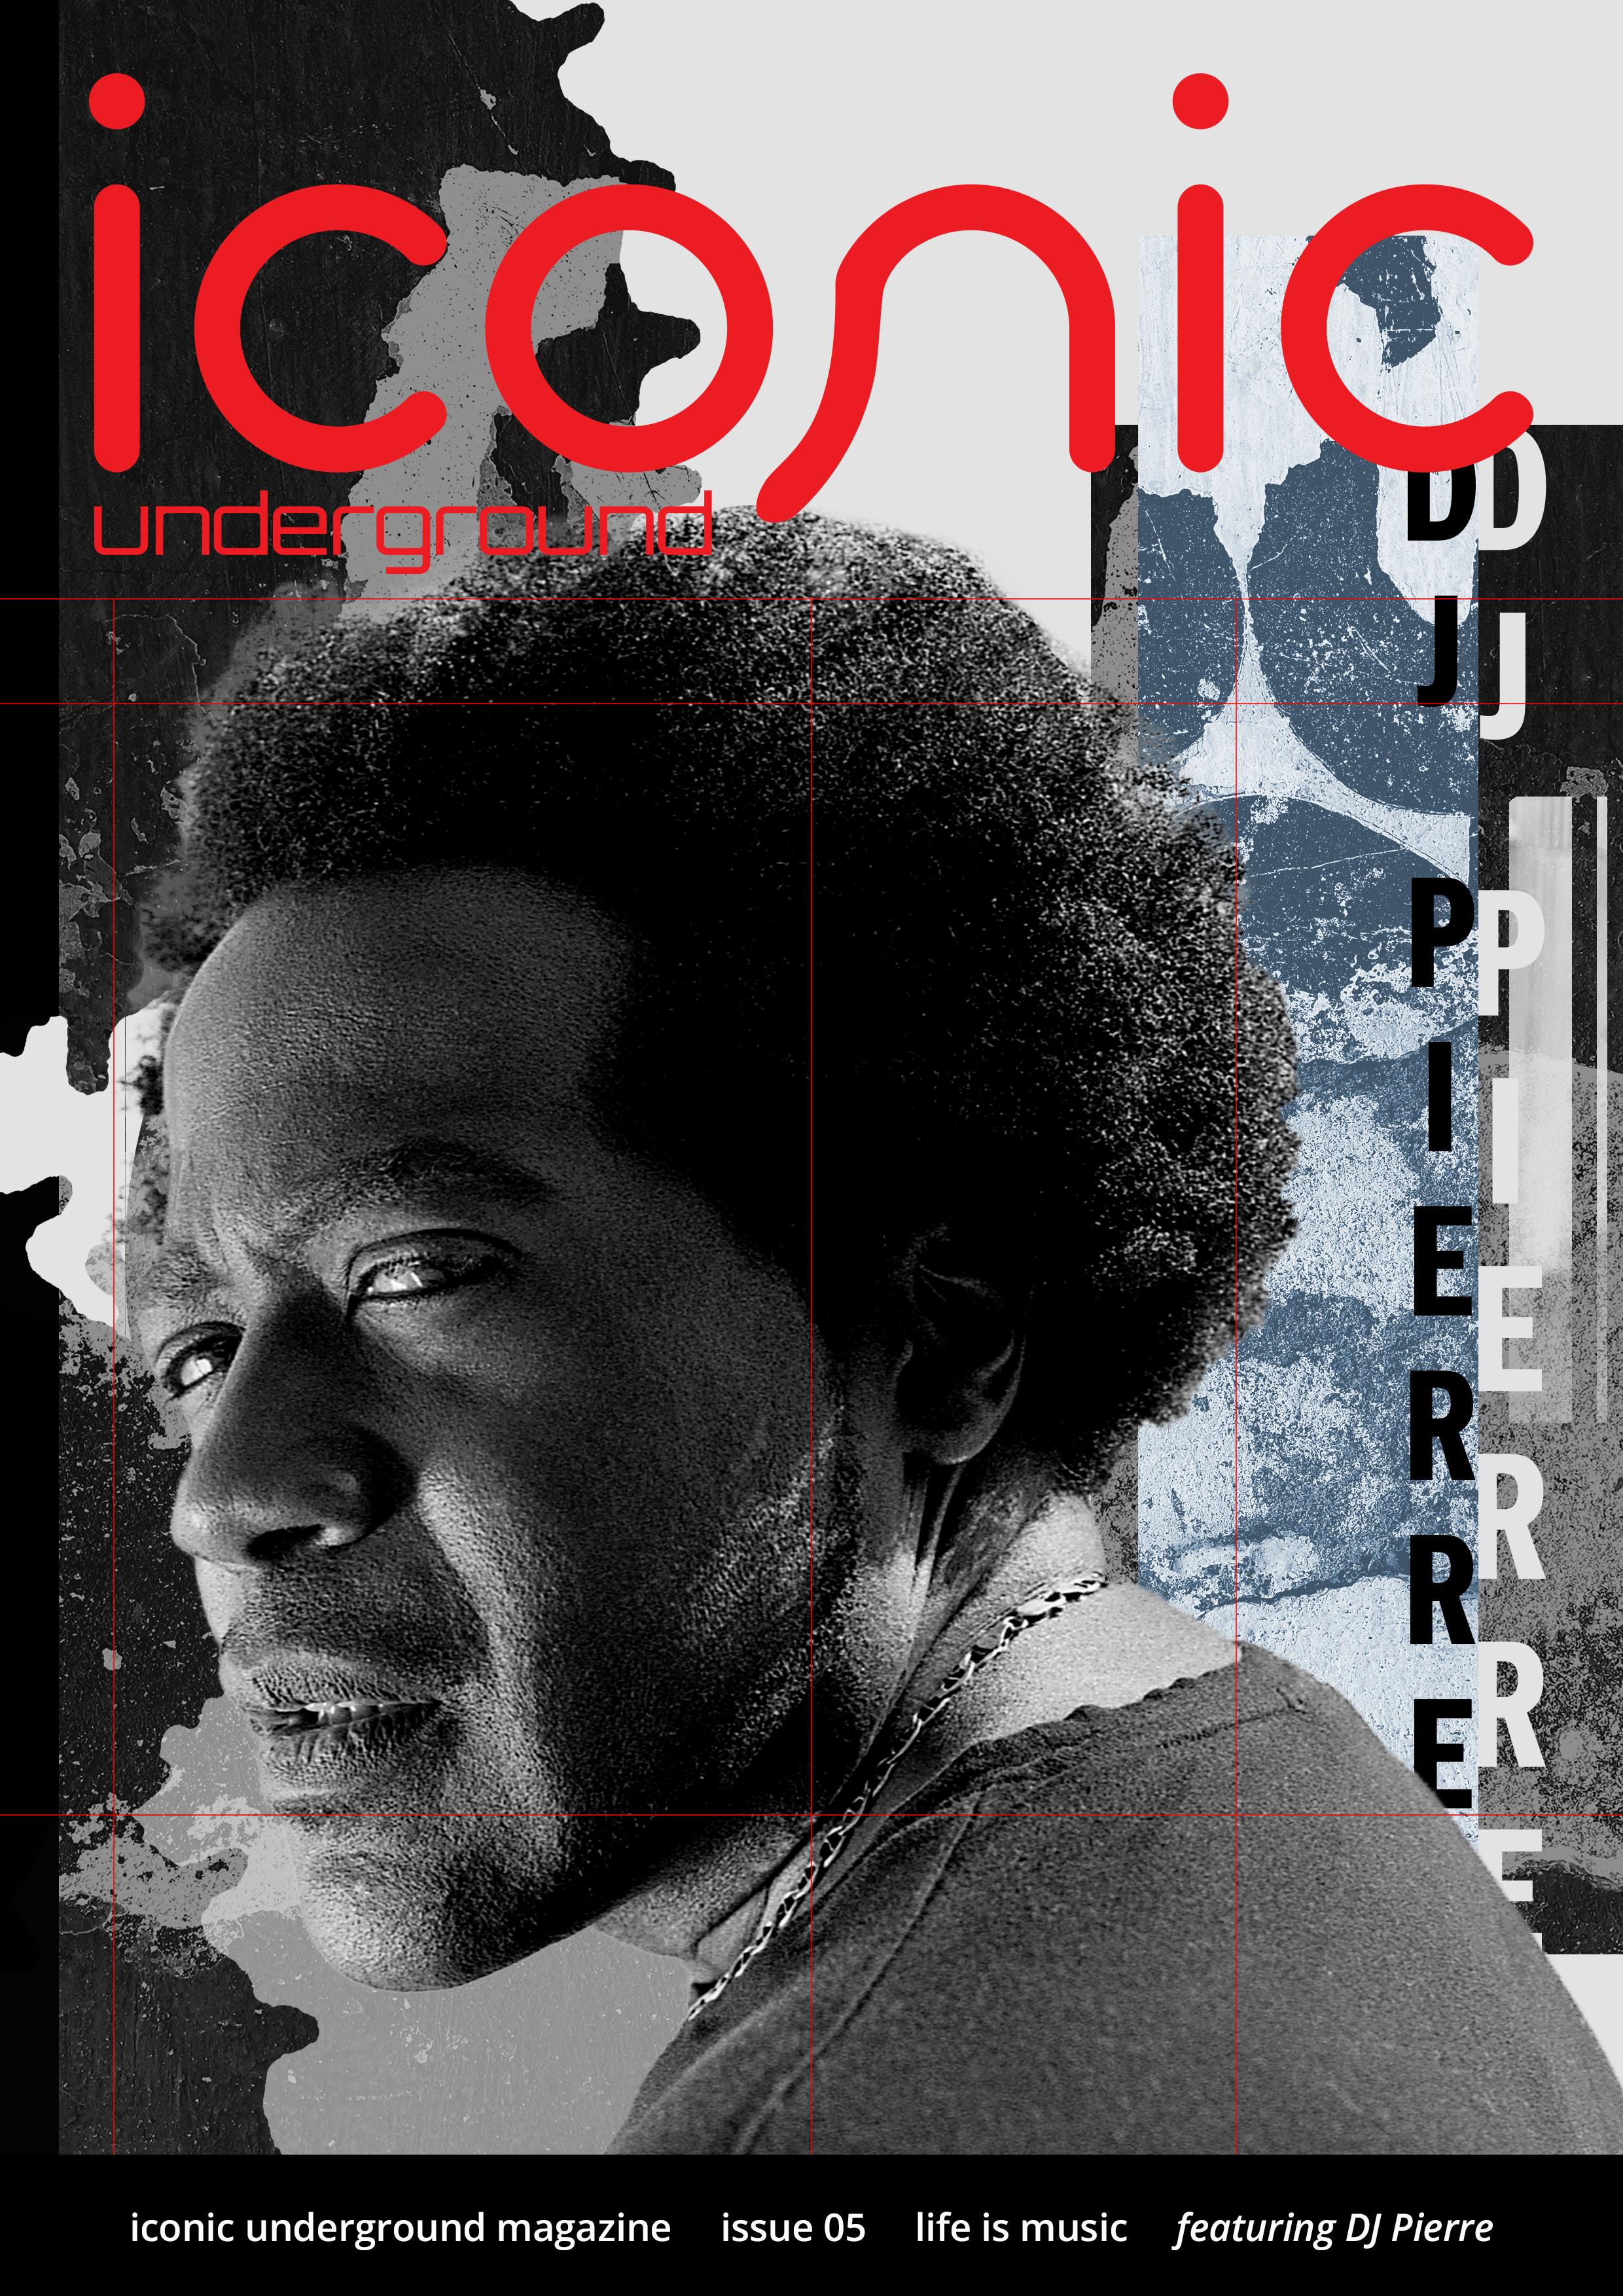 Iconic Underground Magazine Issue 5 Dropping next week